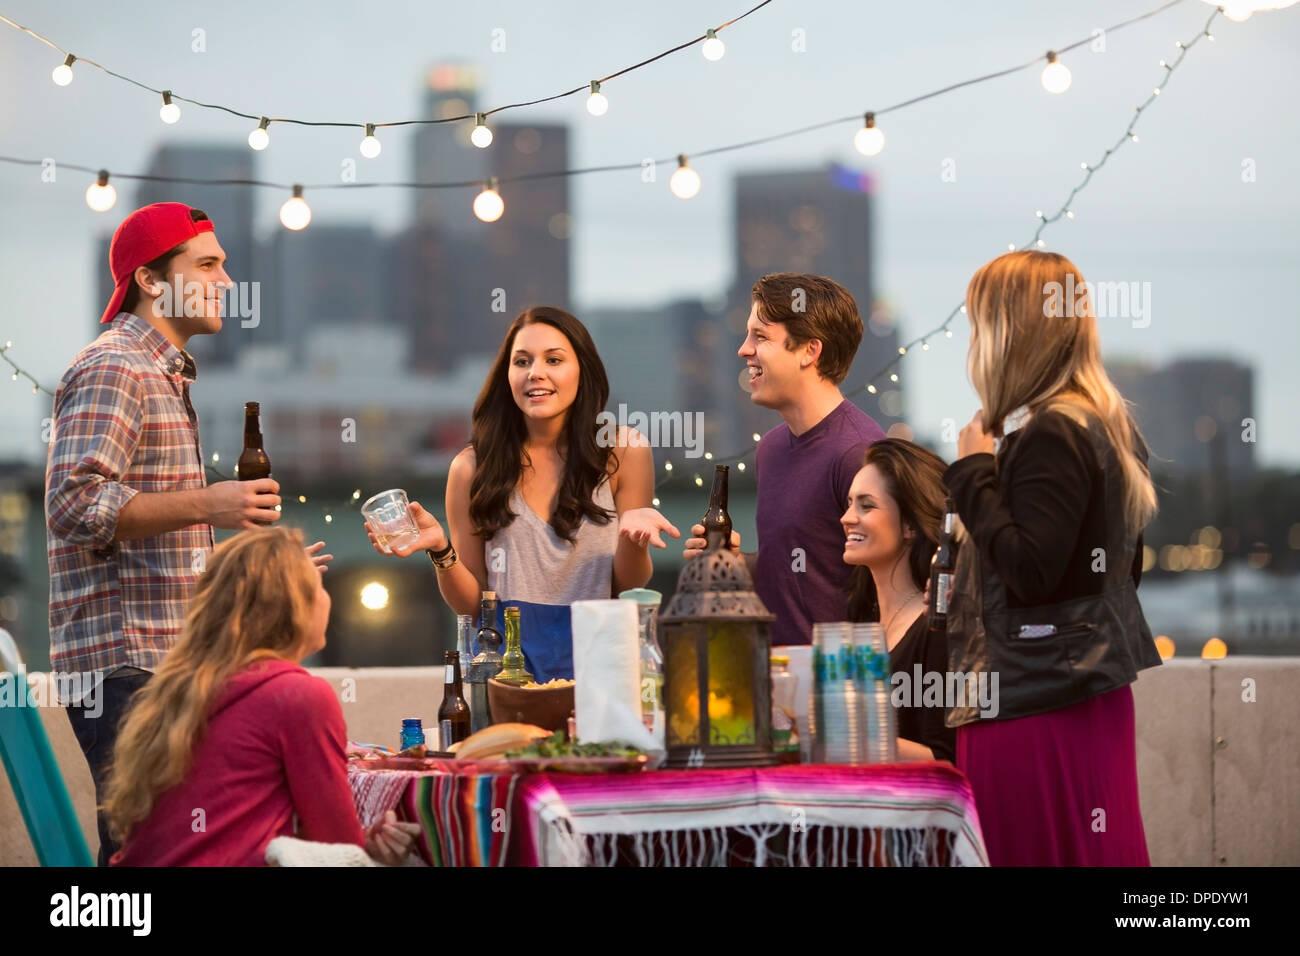 Adultos jóvenes amigos divirtiéndose en la barbacoa Imagen De Stock